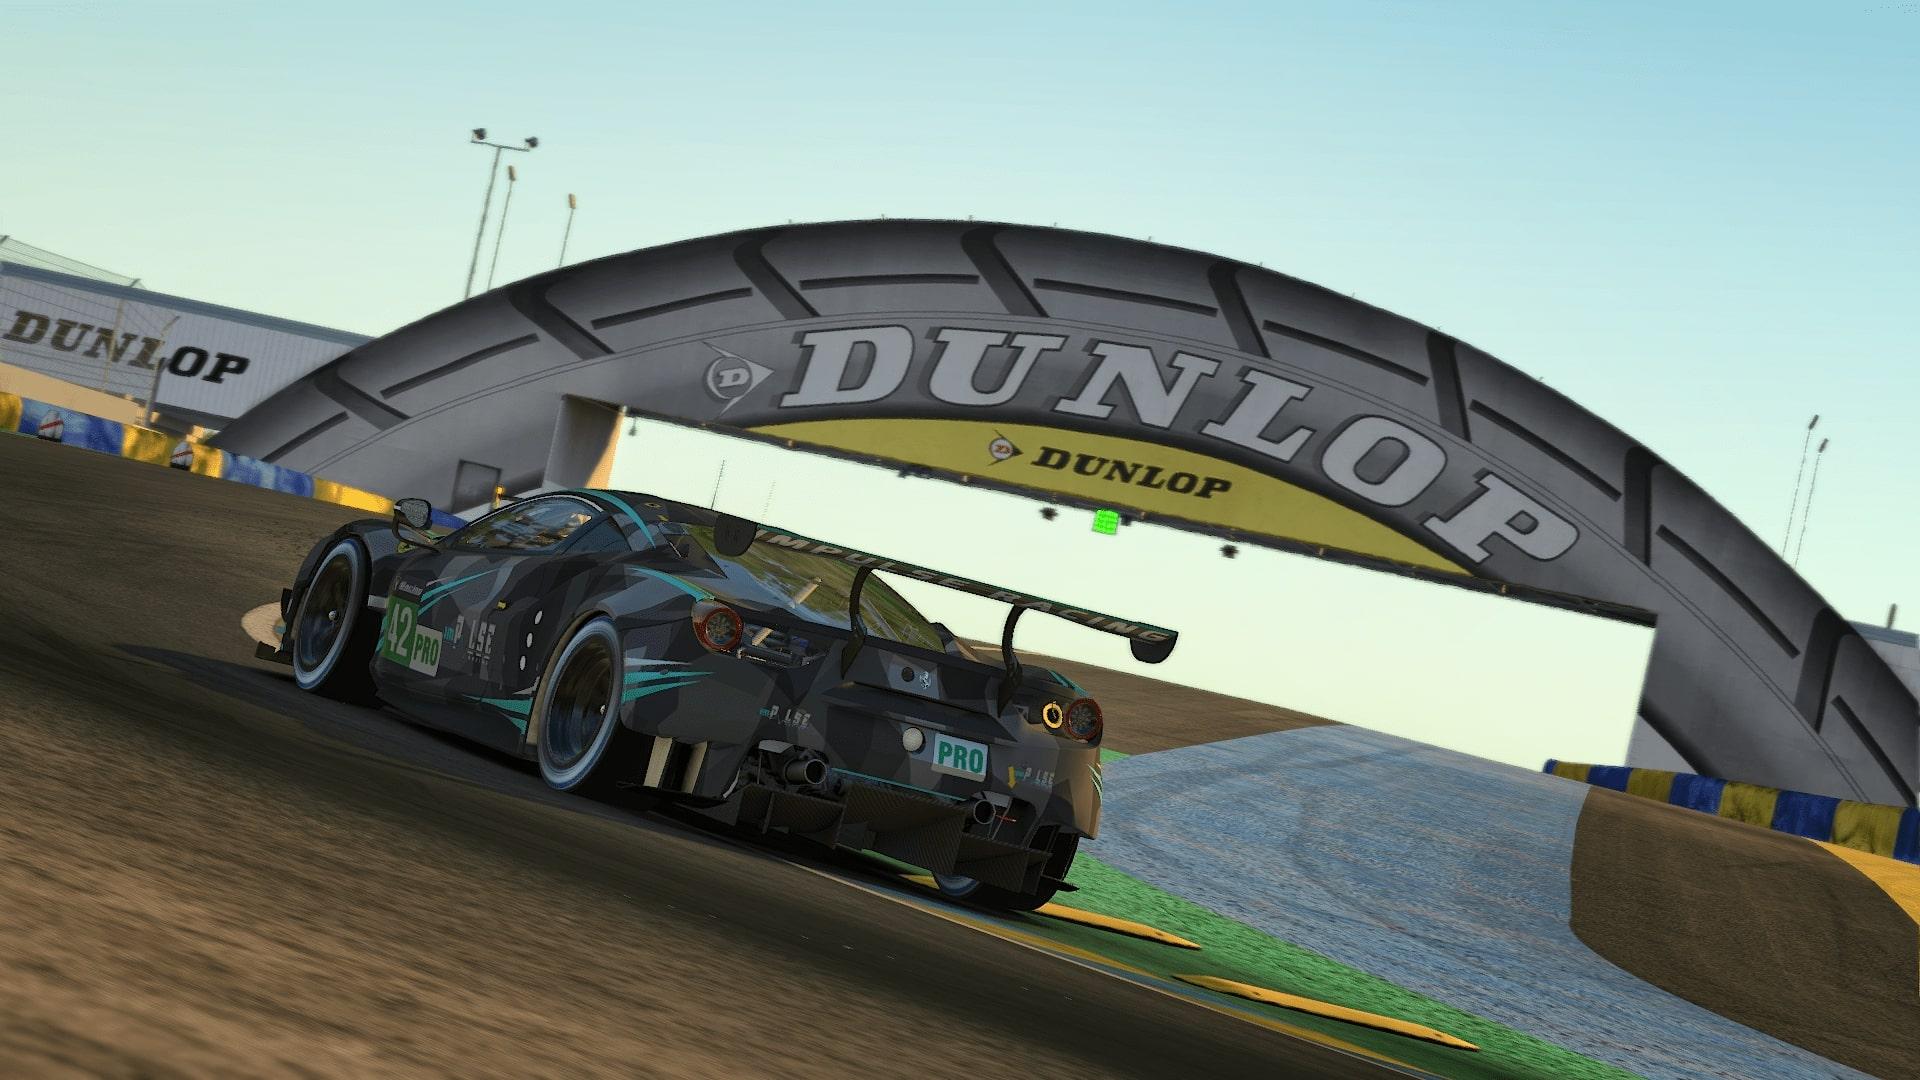 Ferari GTE Le Mans 2020 Sunrise Dunlop